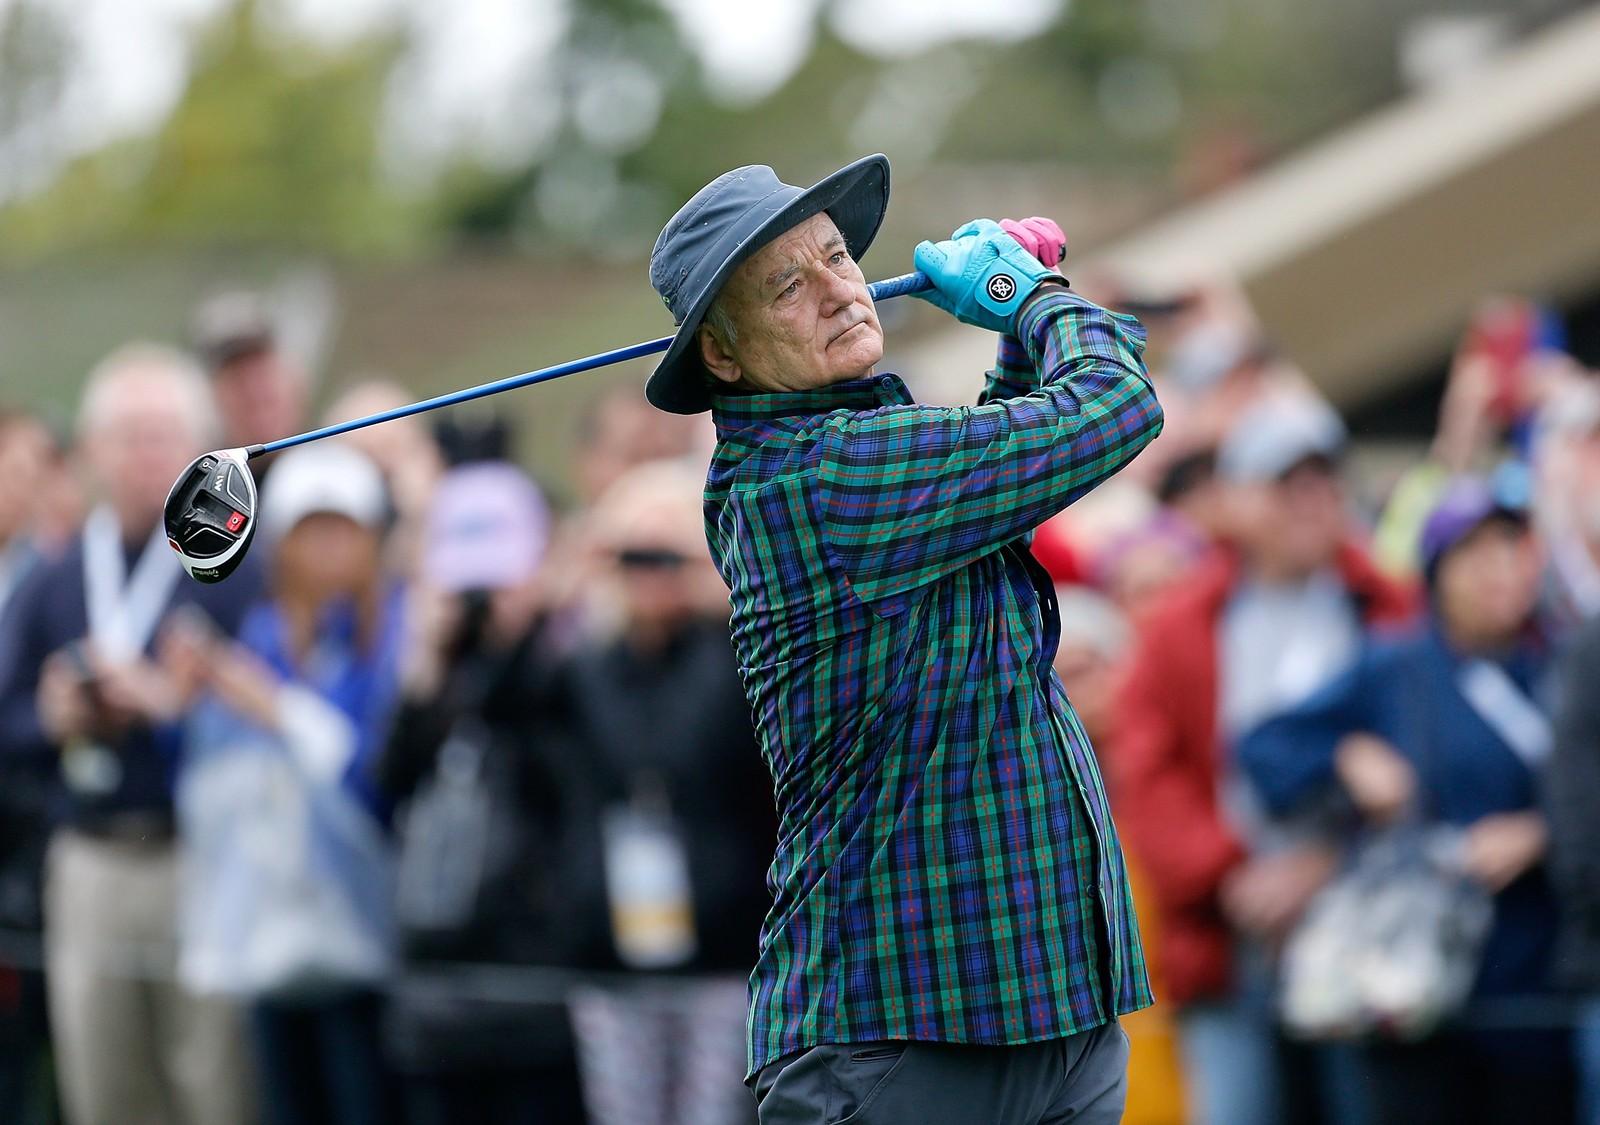 Skuespilleren Bill Murray deltar på en kjendisturnering i Pebble Beach i California.